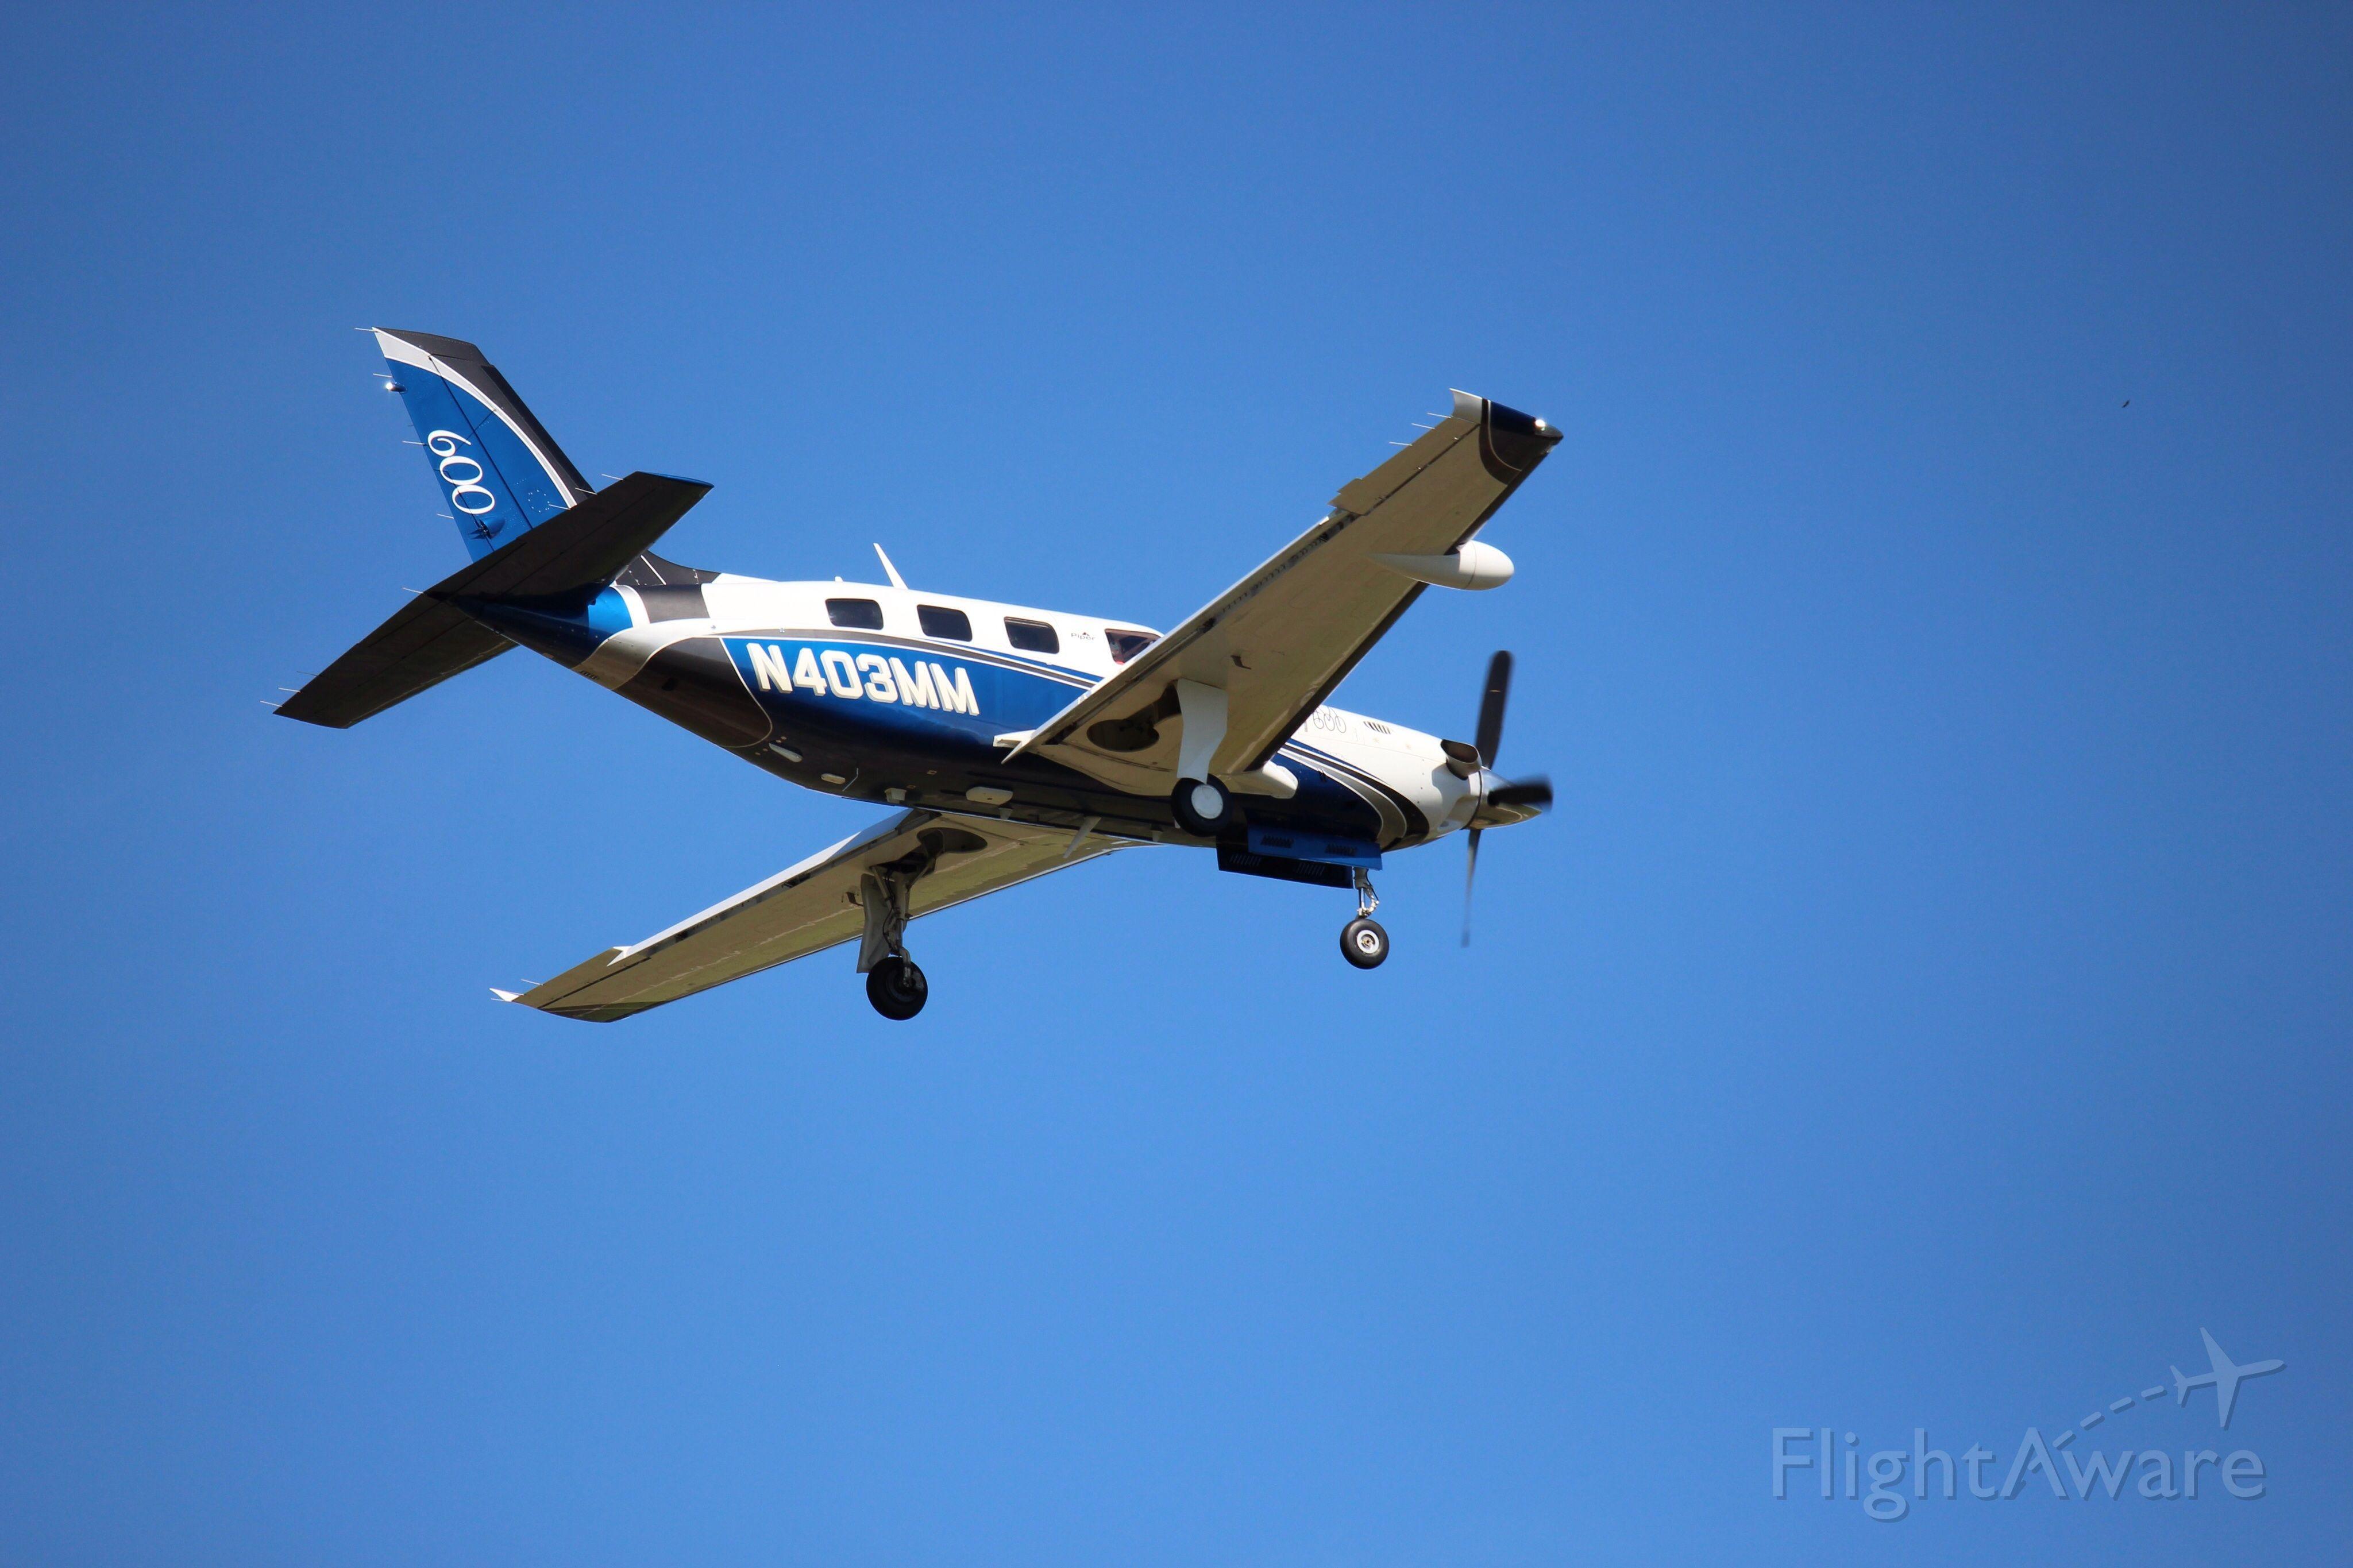 Piper Malibu Mirage (N403MM)